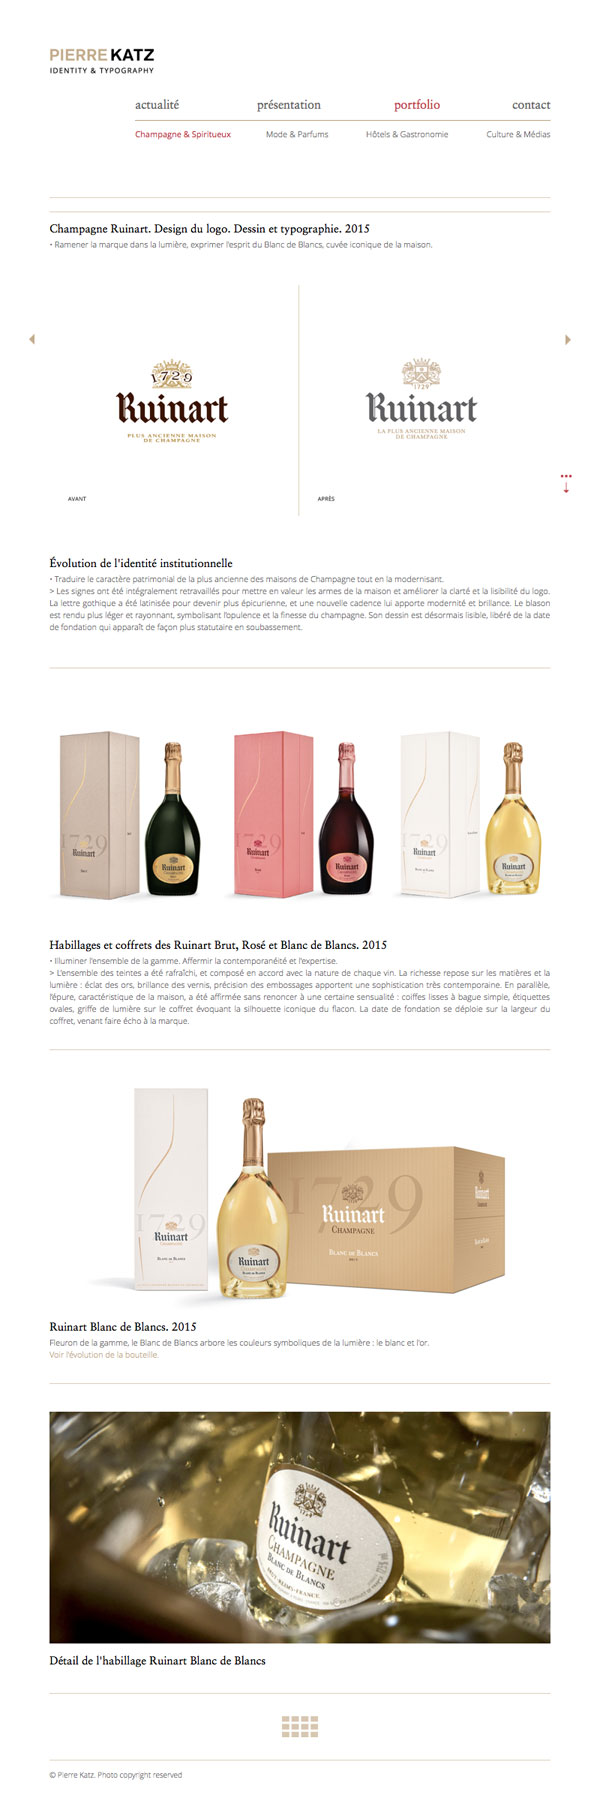 Ruinart-_-PIERRE-KATZ-Luxury-Brand-Identity-Design